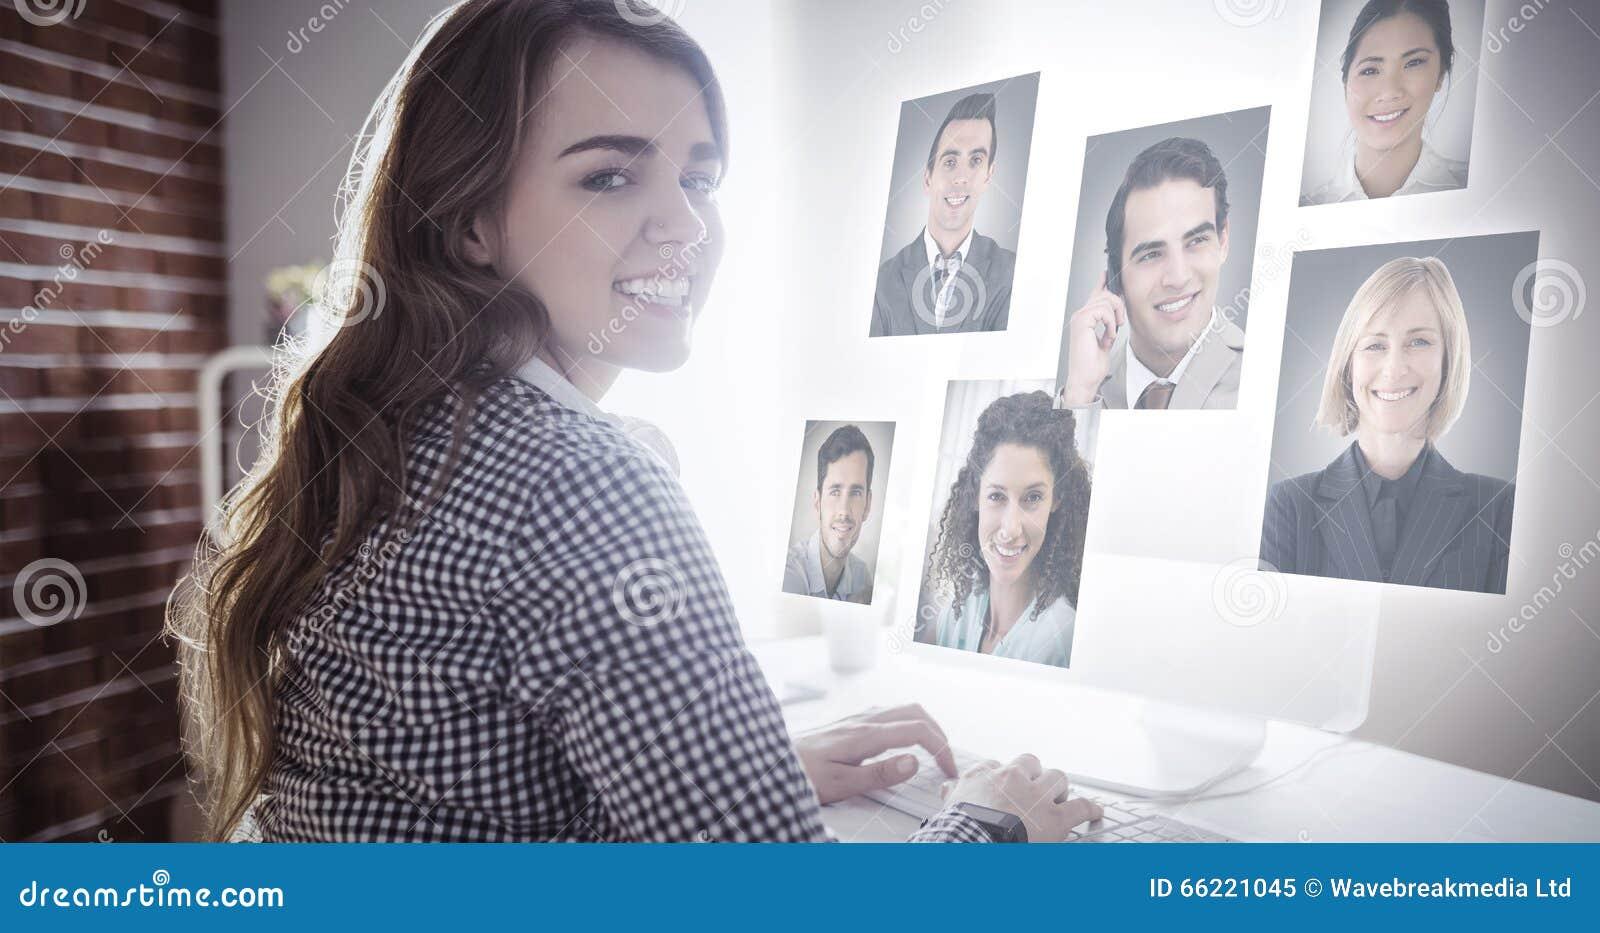 Zusammengesetztes Bild von Profilbildern